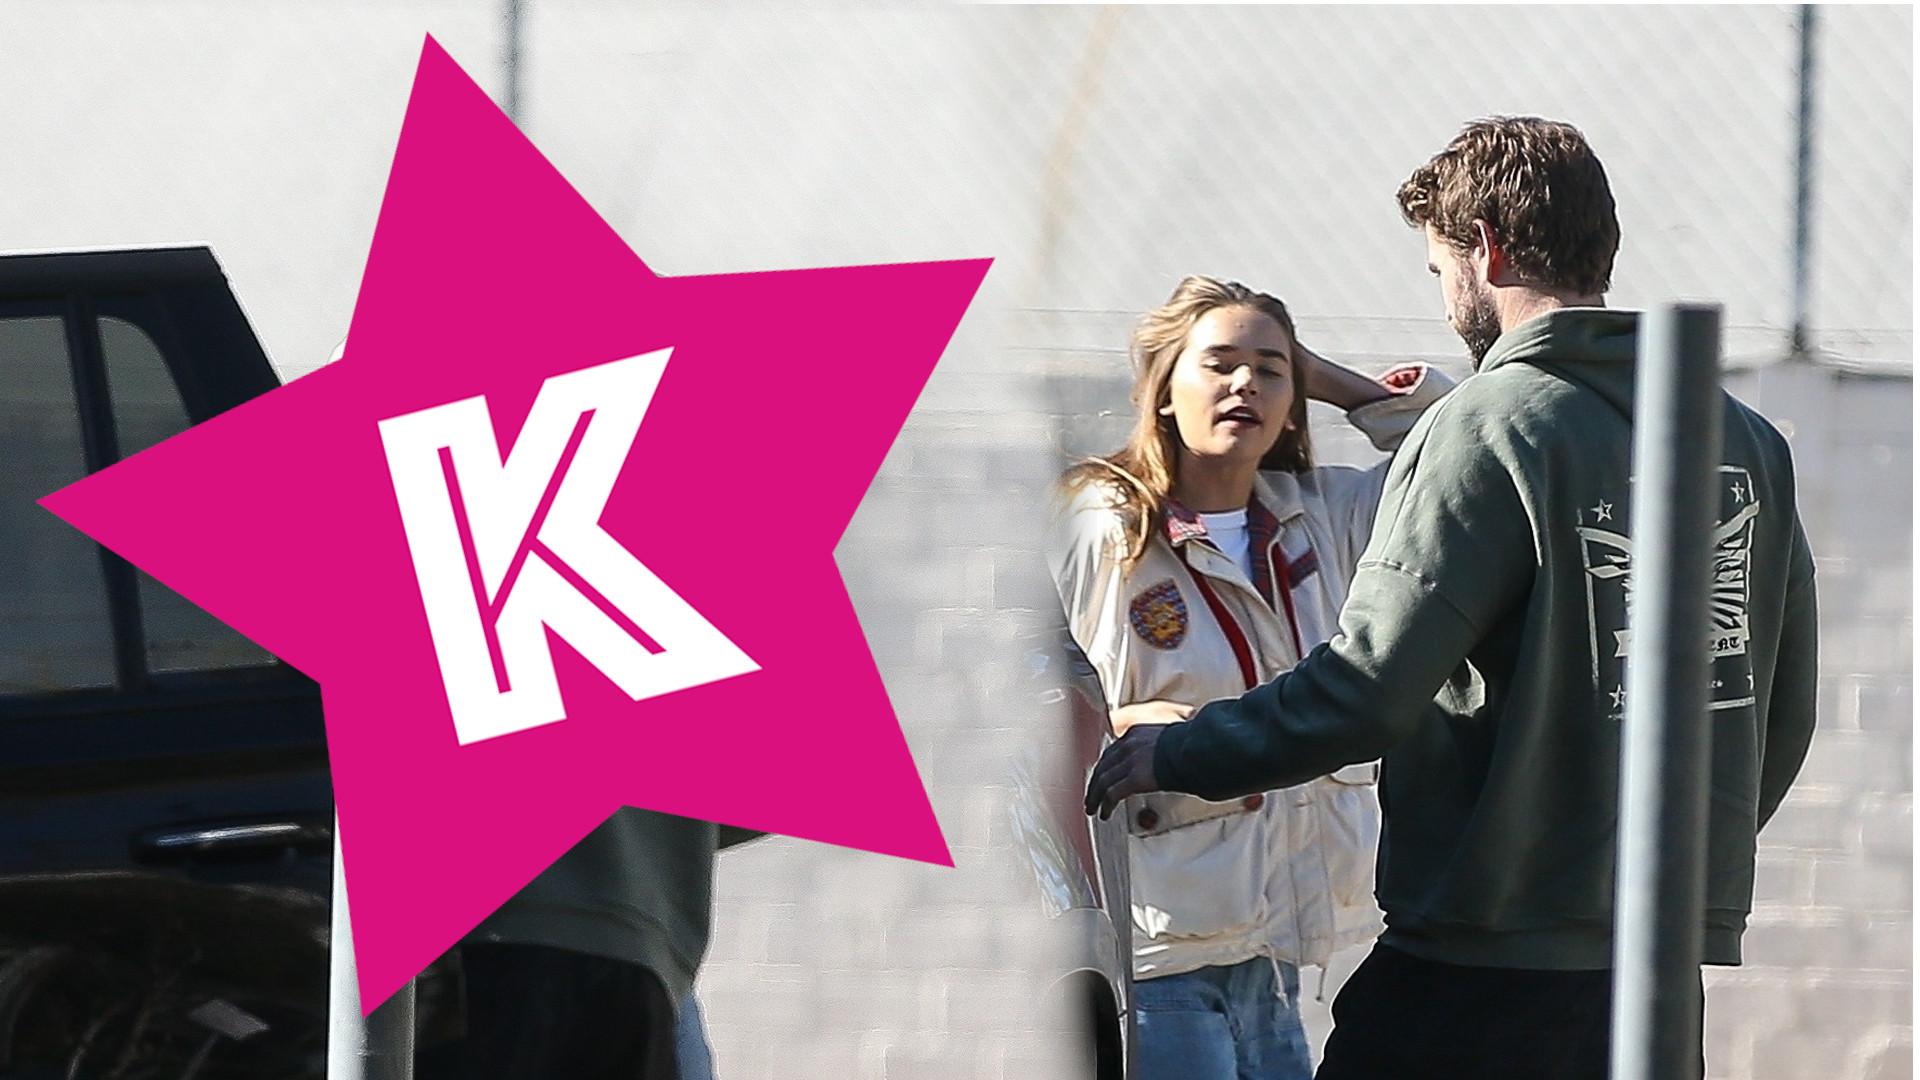 Liam Hemsworth szczęśliwe zakochany w australijskiej modelce. Namiętne pocałunki po siłowni